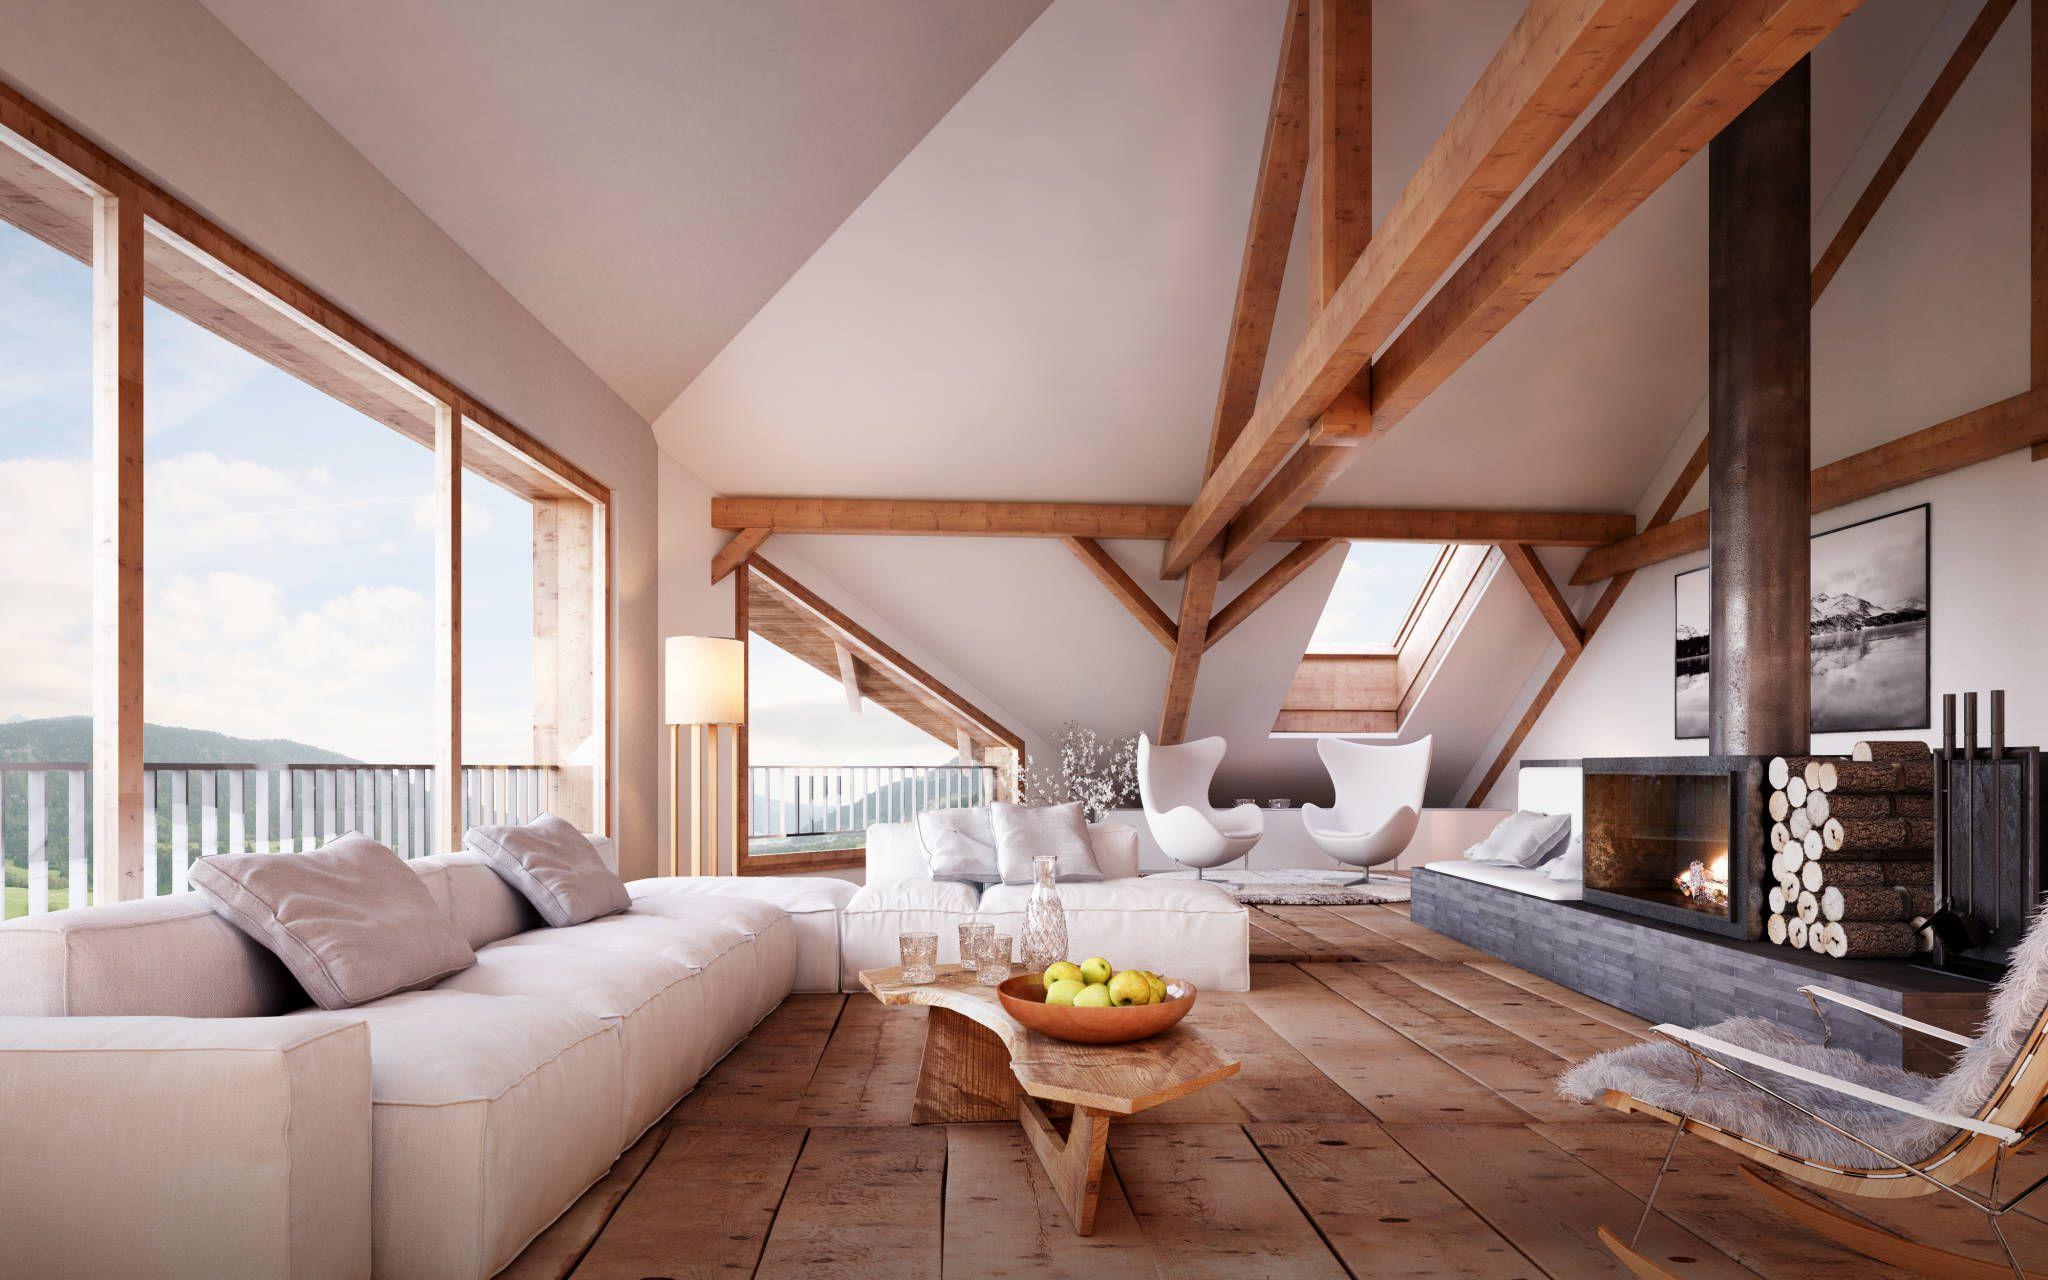 Wohnideen interior design einrichtungsideen bilder for Einrichtungsideen wohnzimmer